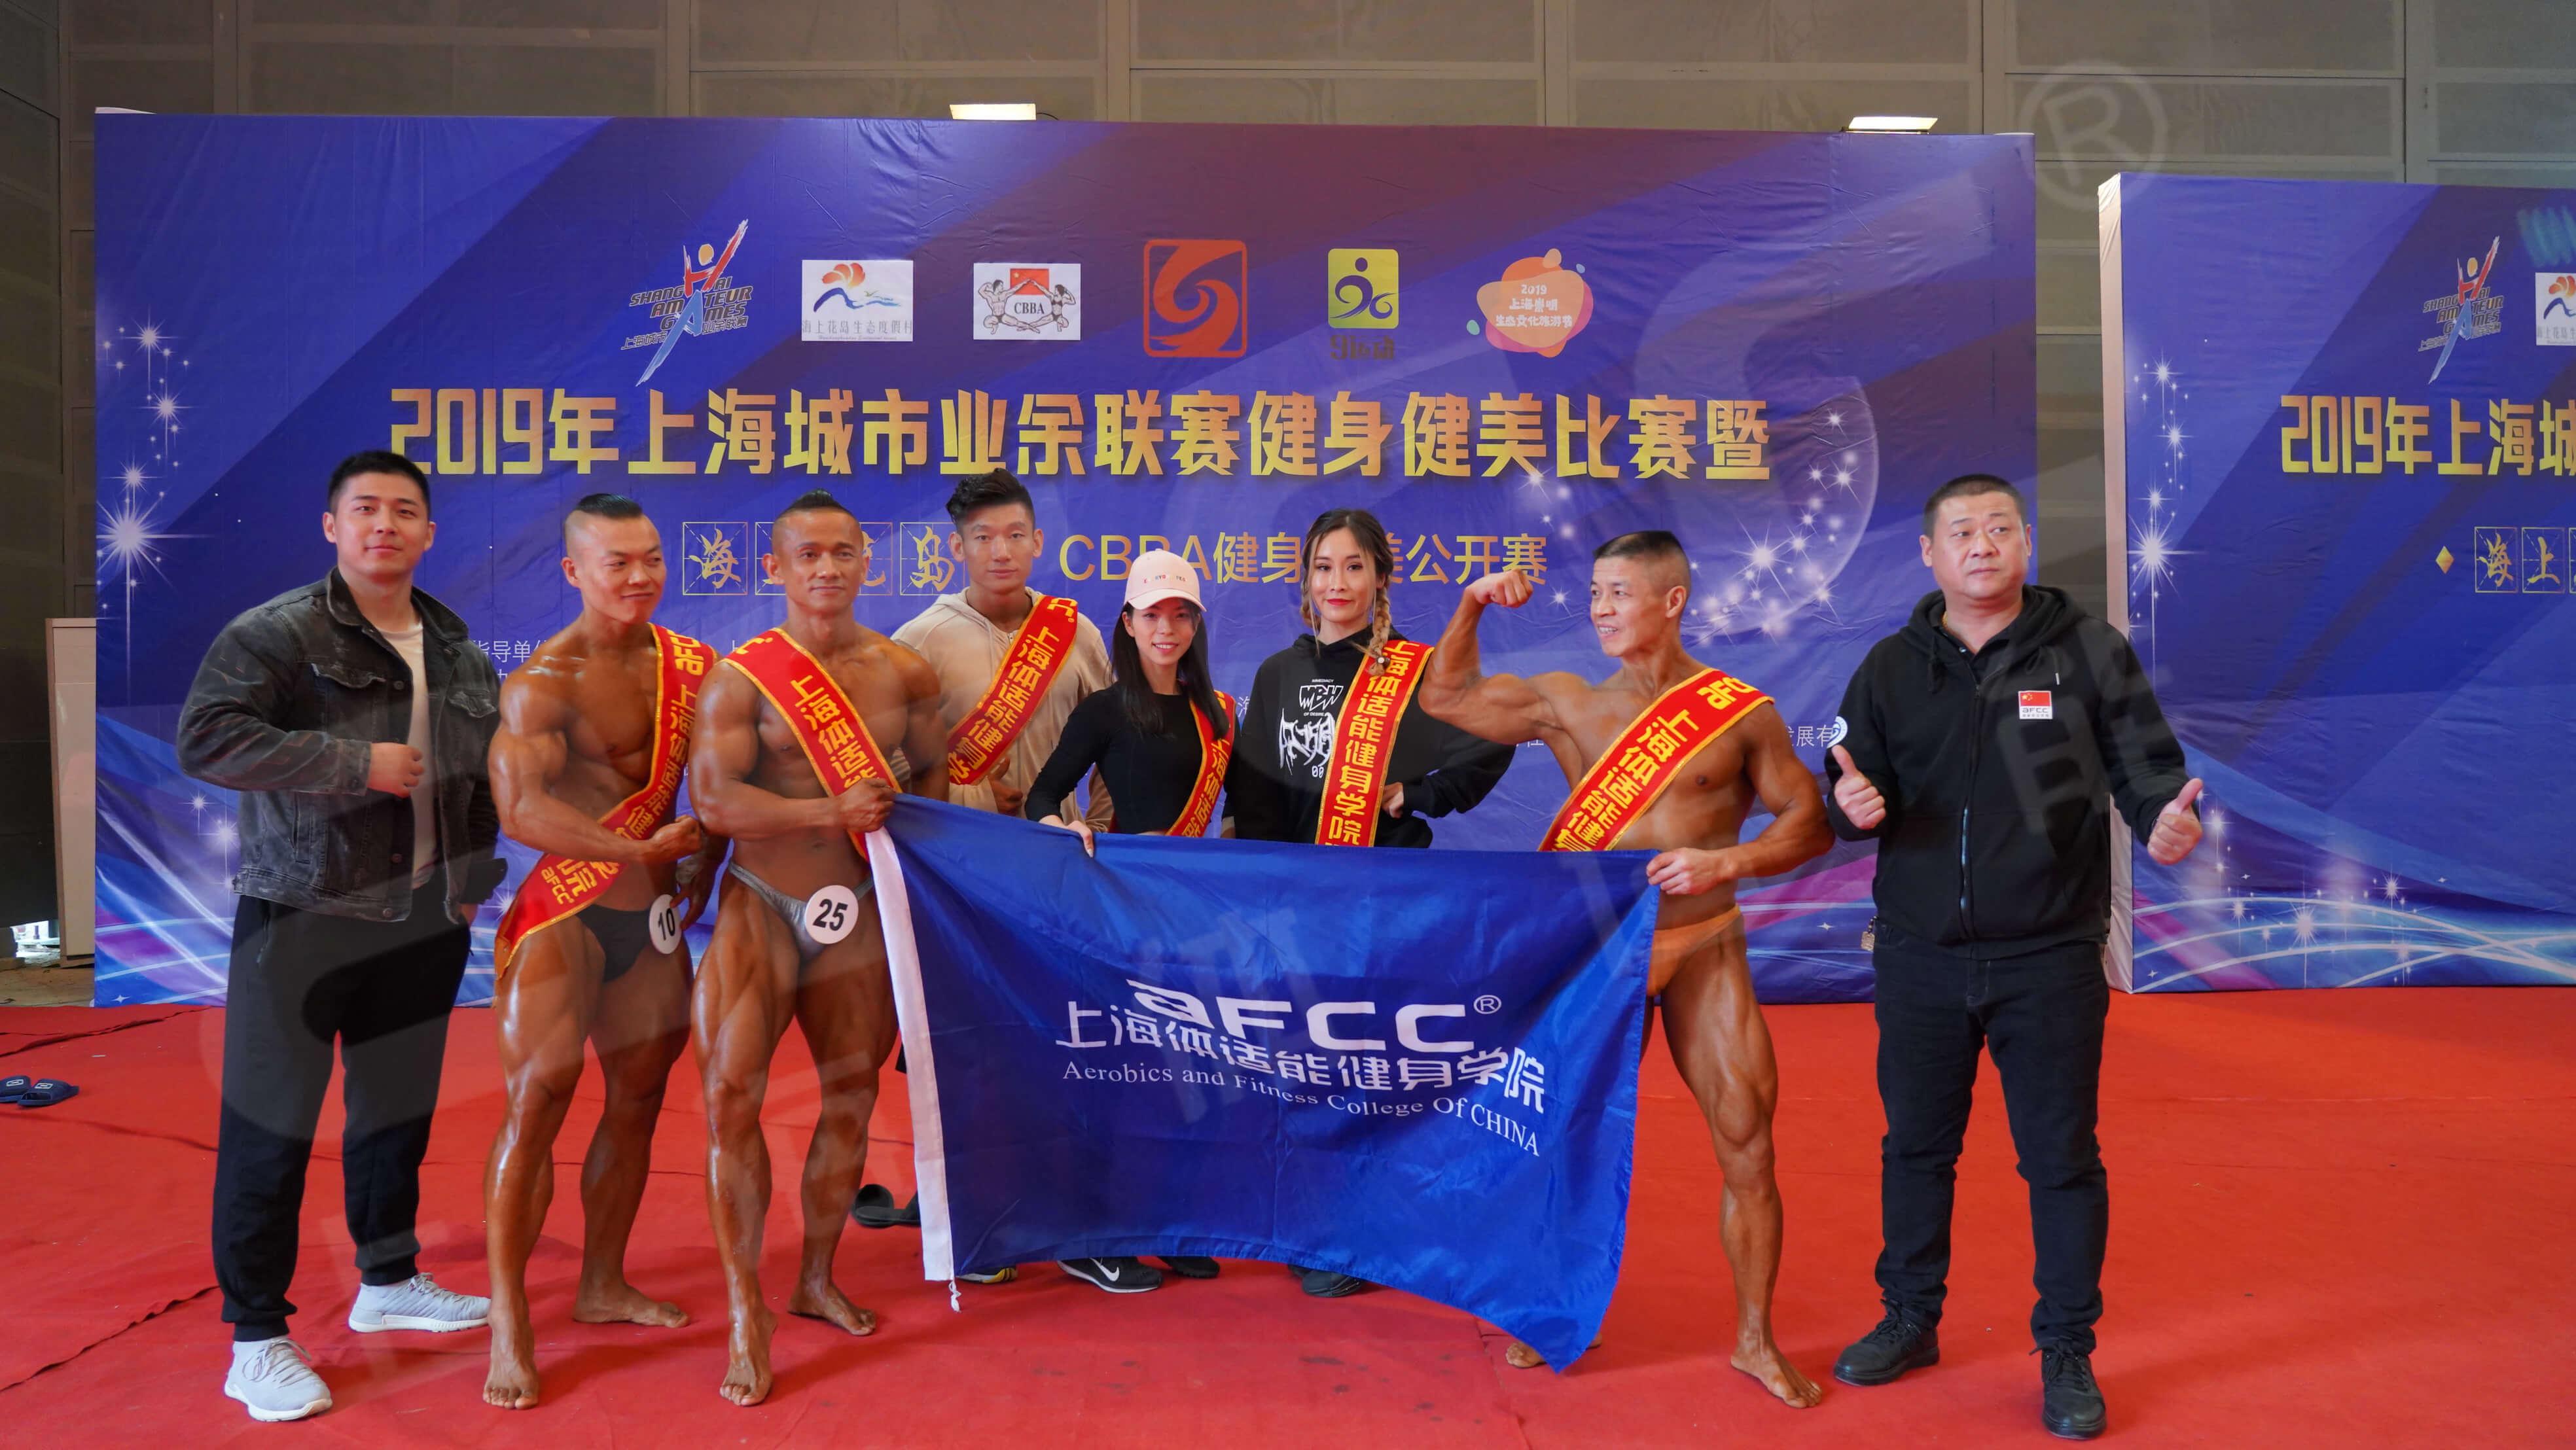 上海体适能健身学院代表队,出征